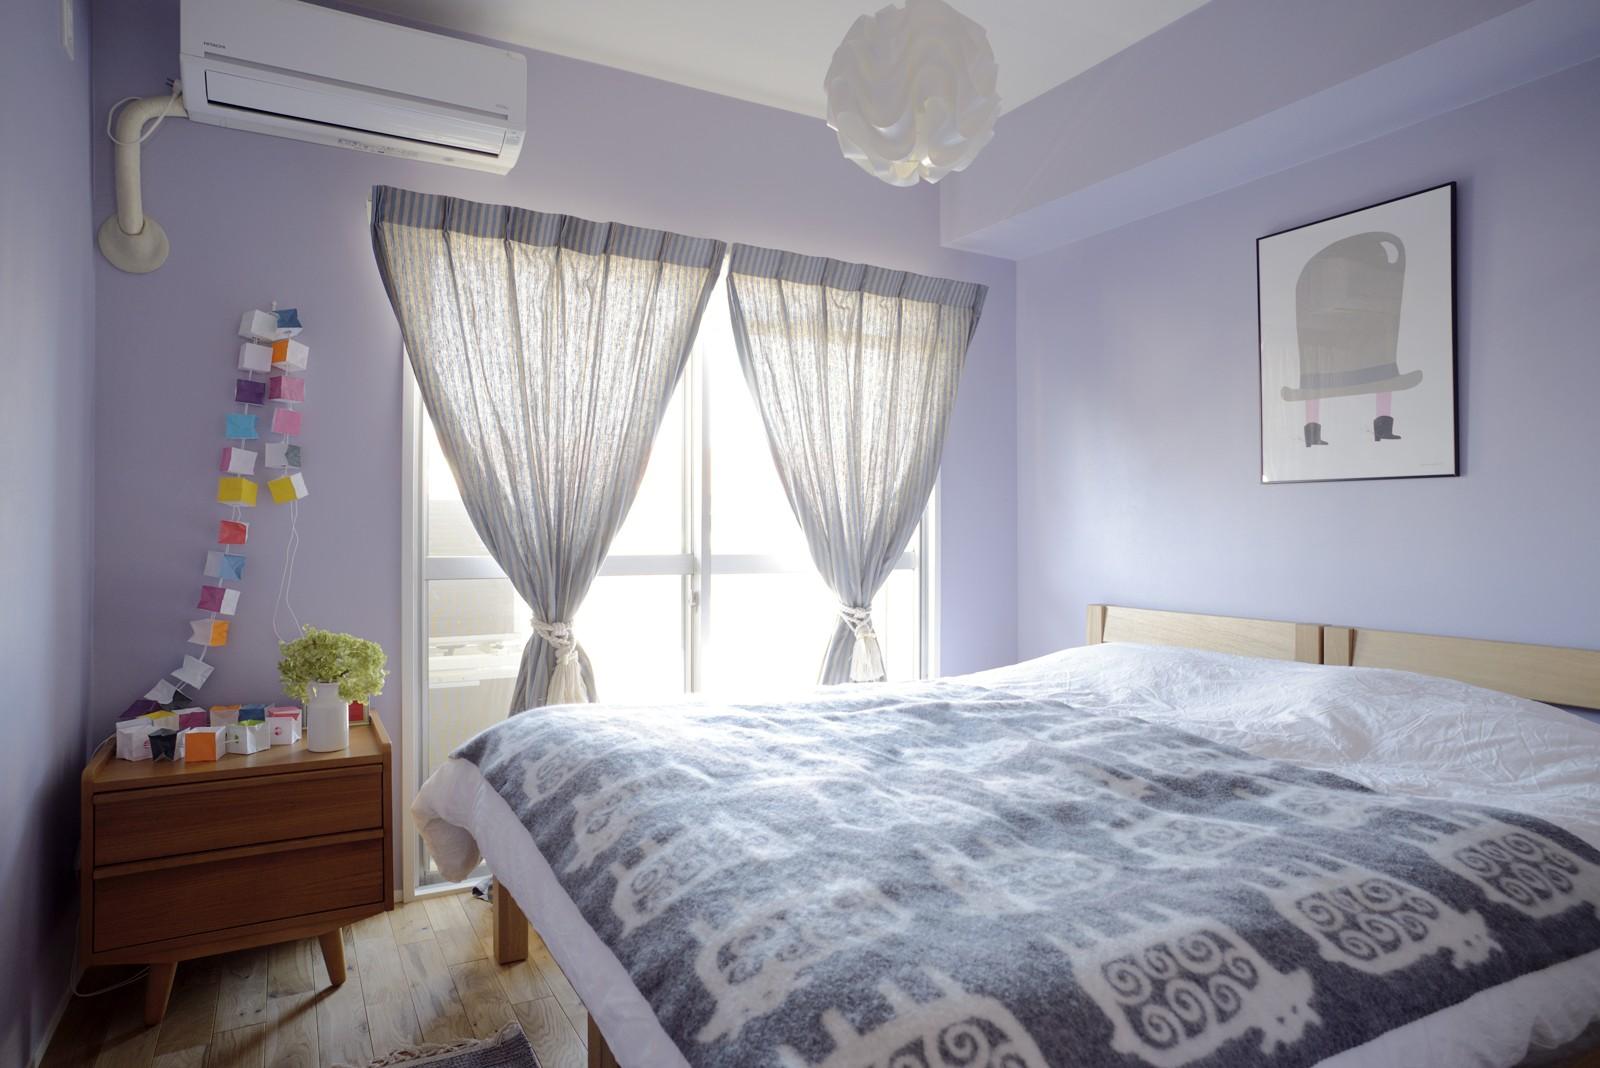 ベッドルーム事例:寝室(『Avenue』 ― 家族に優しい家)